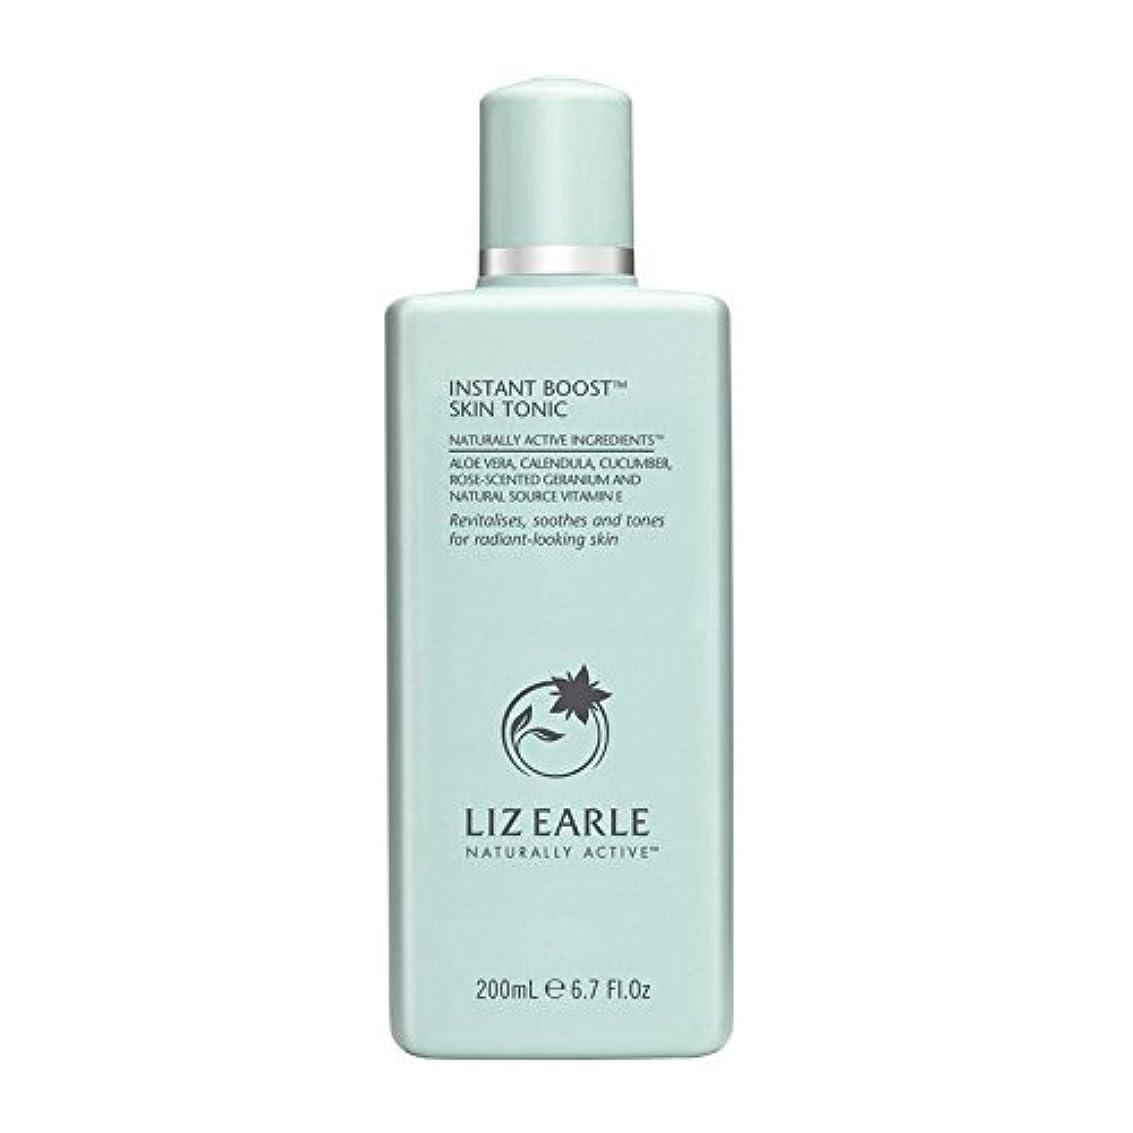 充実変数バルコニーリズアールインスタントブーストスキントニックボトル200ミリリットル x4 - Liz Earle Instant Boost Skin Tonic Bottle 200ml (Pack of 4) [並行輸入品]